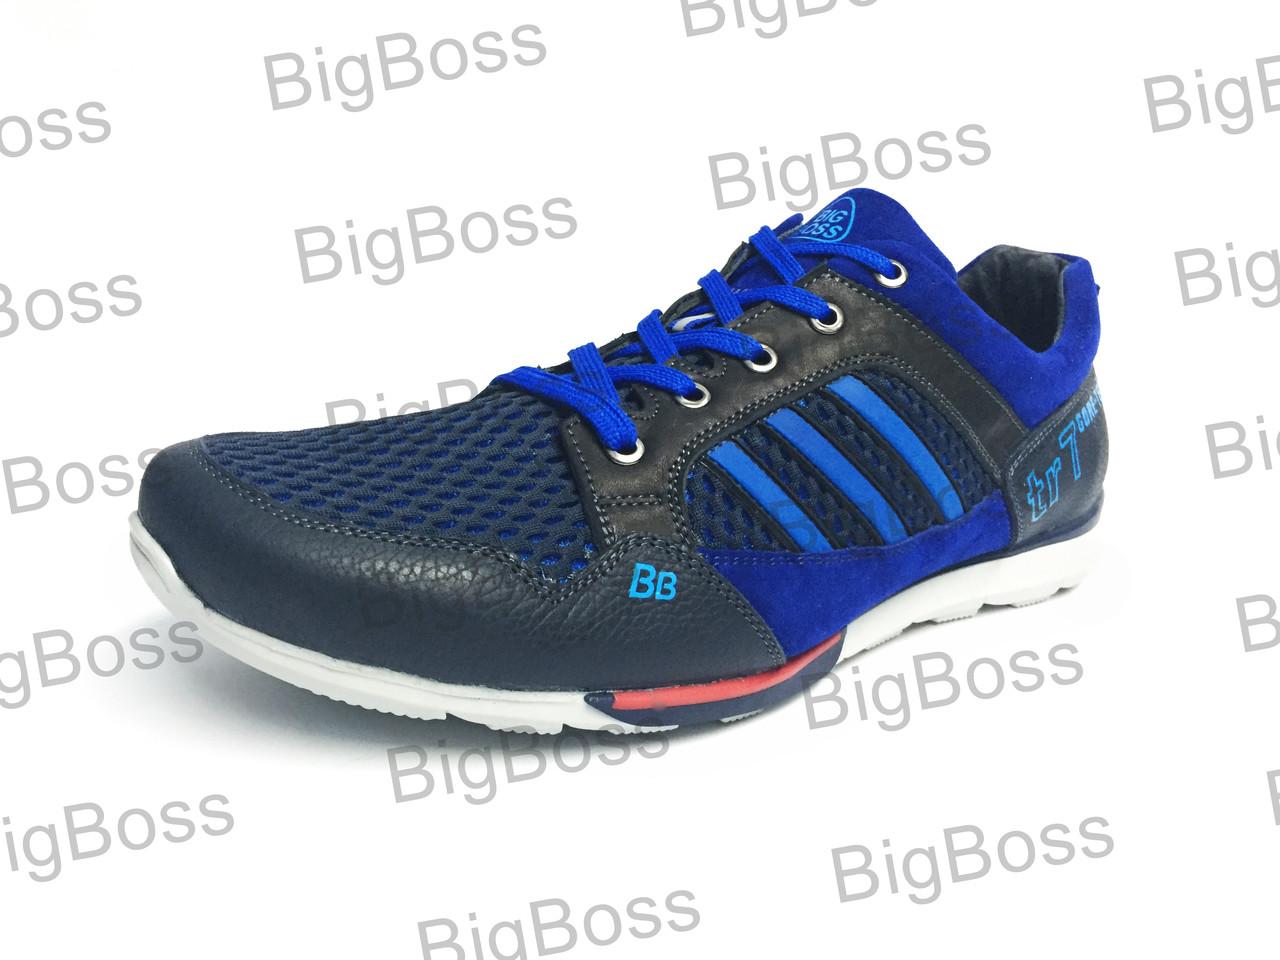 a7f06ec9a Мужские летние кроссовки больших размеров К-34/1 синий -  BigBoss-производитель мужской